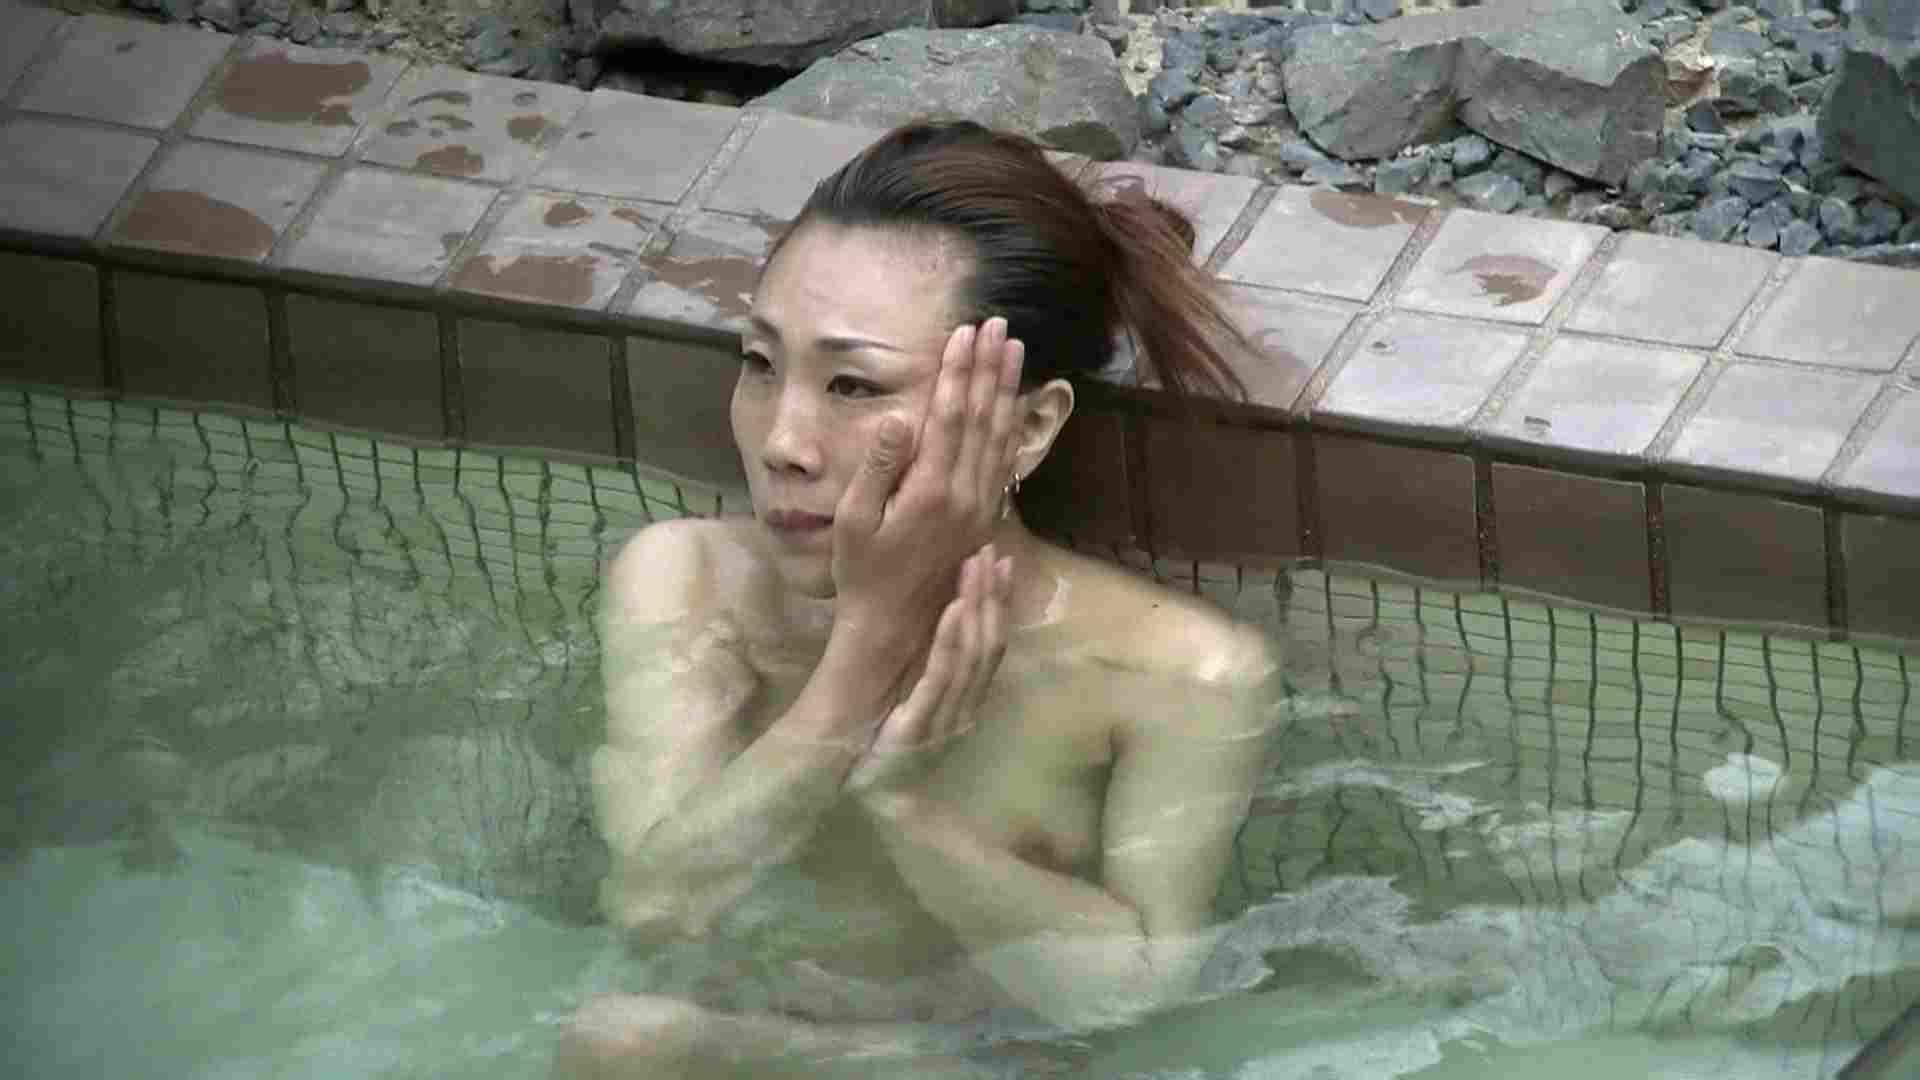 Aquaな露天風呂Vol.654 OLすけべ画像  38連発 24